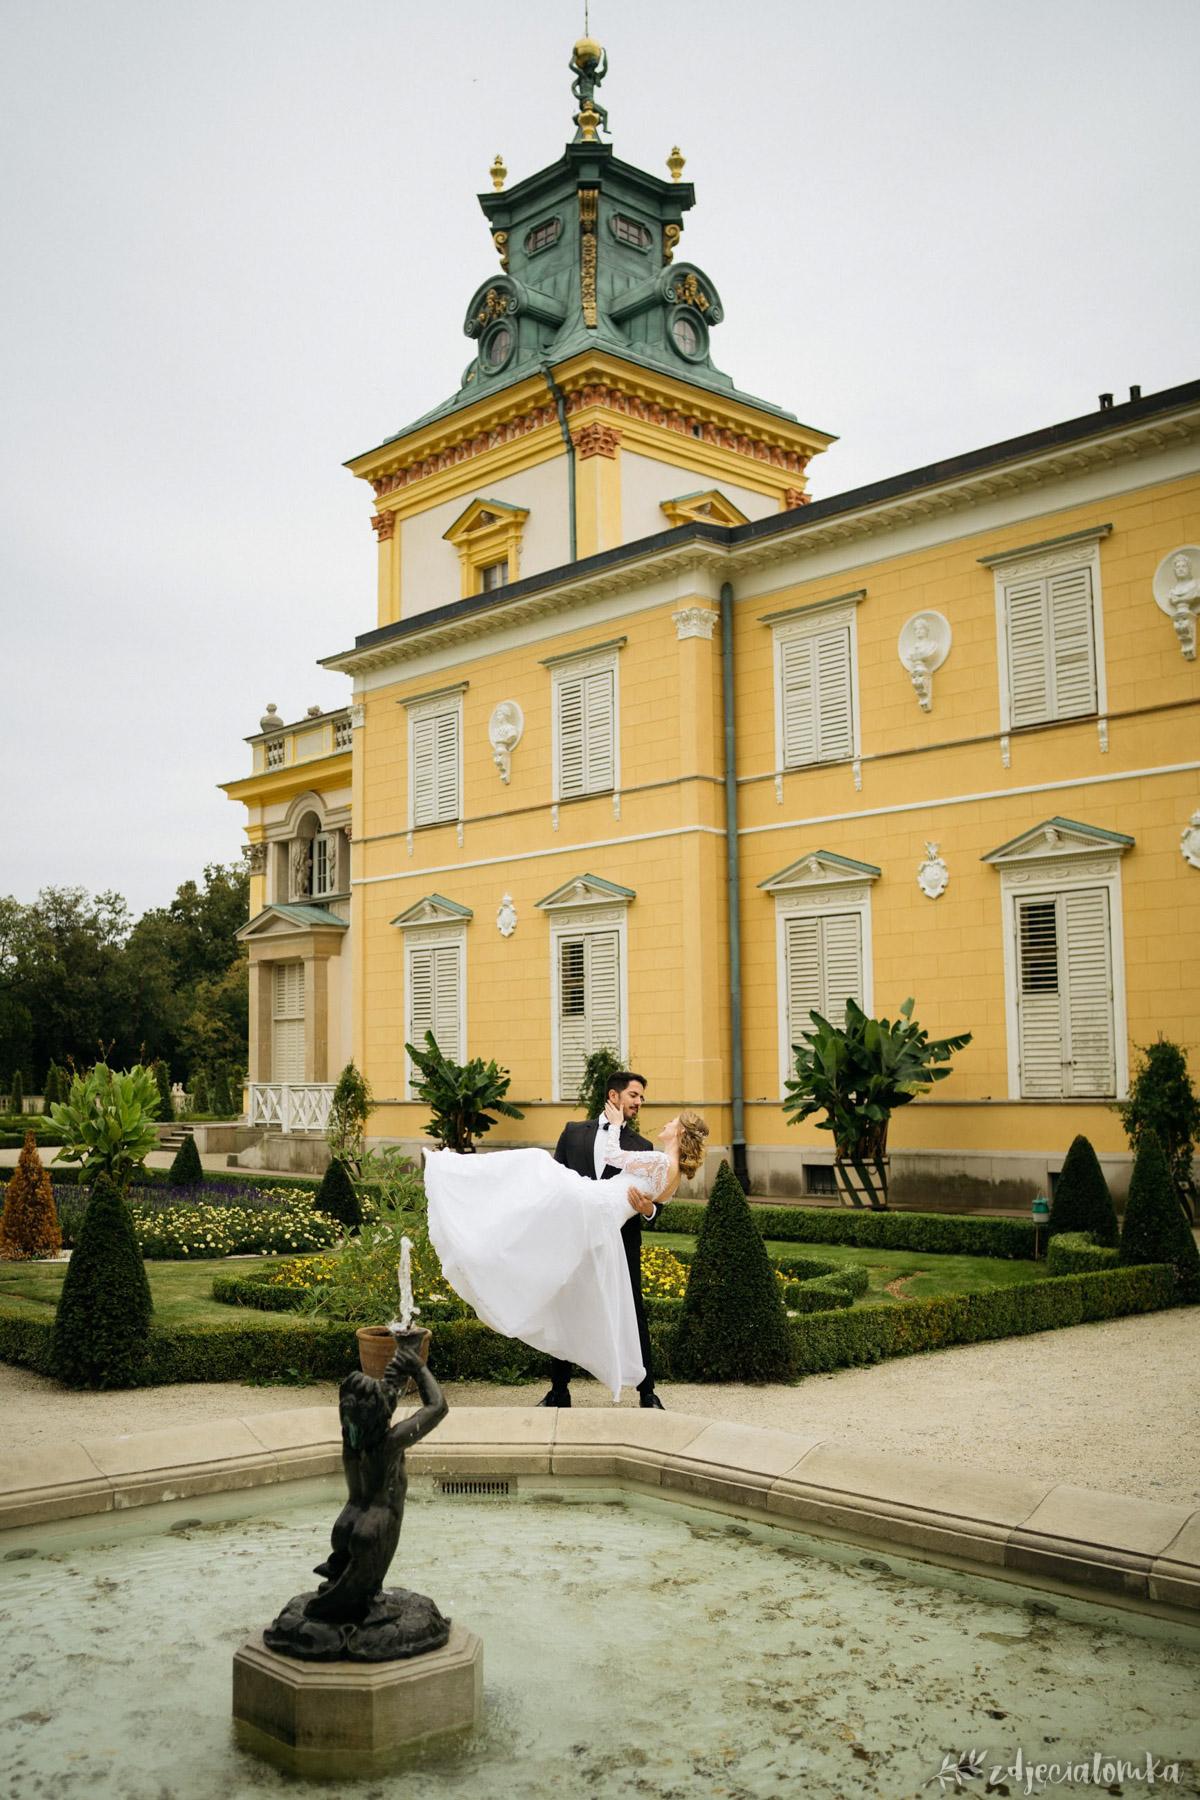 wesele polsko-brazylijskie sesja ślubna w wilanowie w ogrodach wilanowskich para sesja poślubna plener fotograficzny fotograf warszawa łódź sesja po ślubie pałac panna młoda noszona na rękach